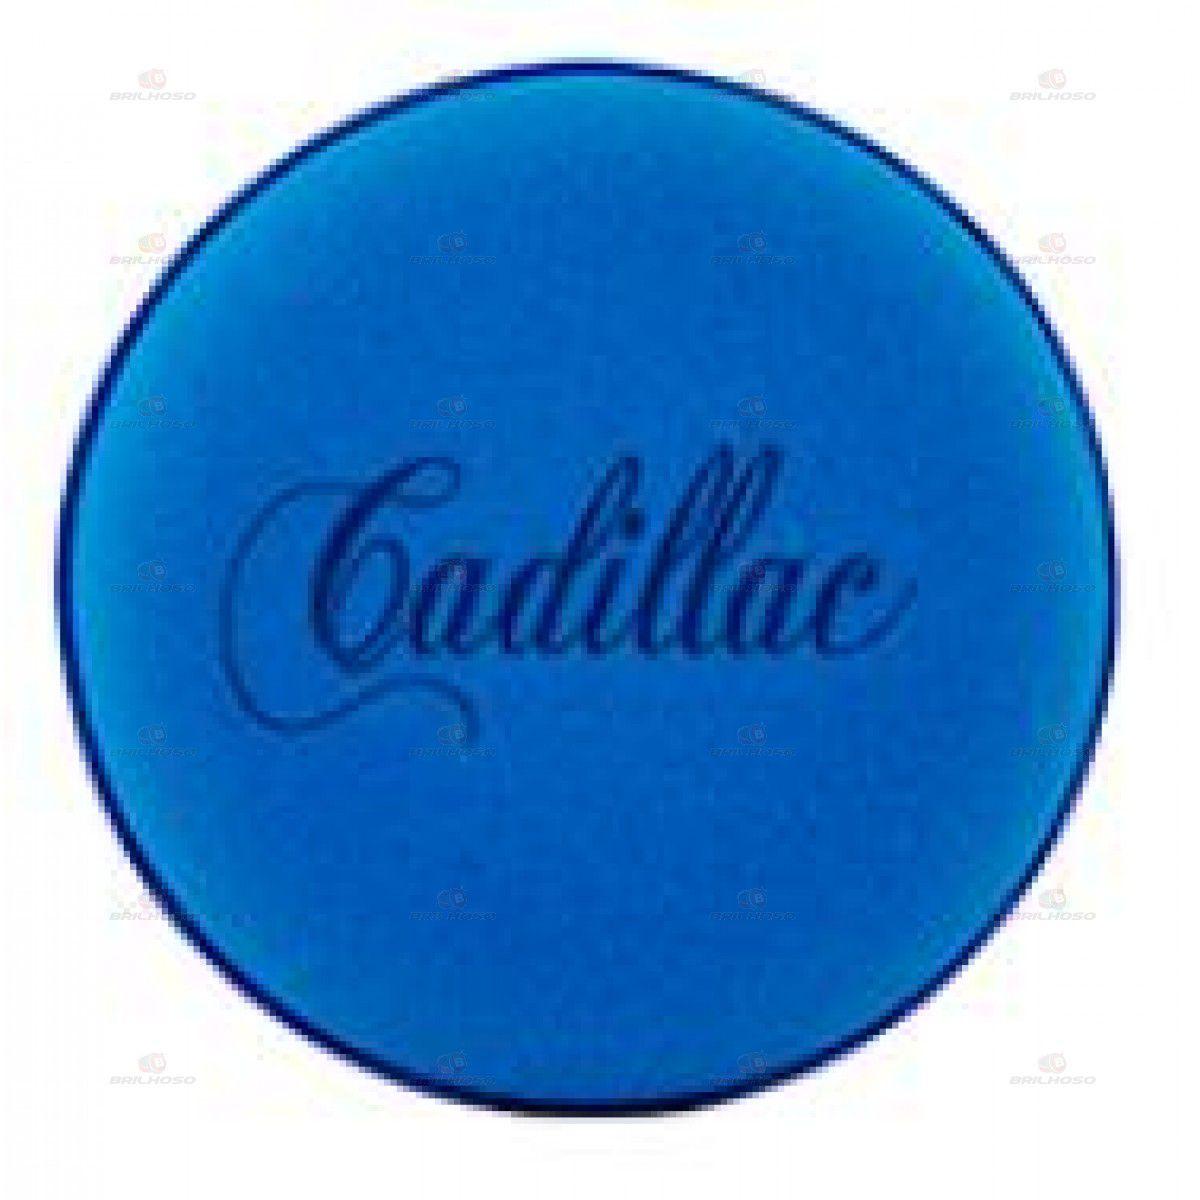 Aplicador de Espuma Azul Cadillac 13cm x 2cm (1un)  - Loja Go Eco Wash